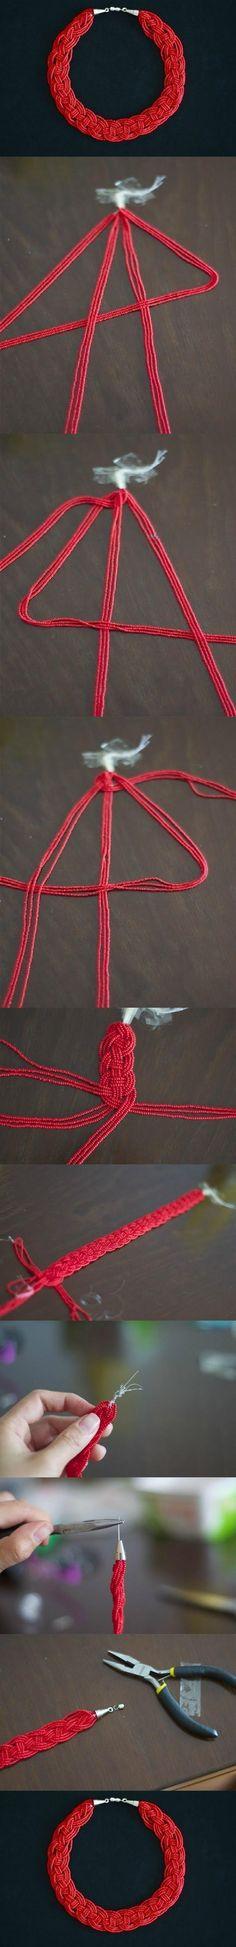 DIY Simple Bead Necklace